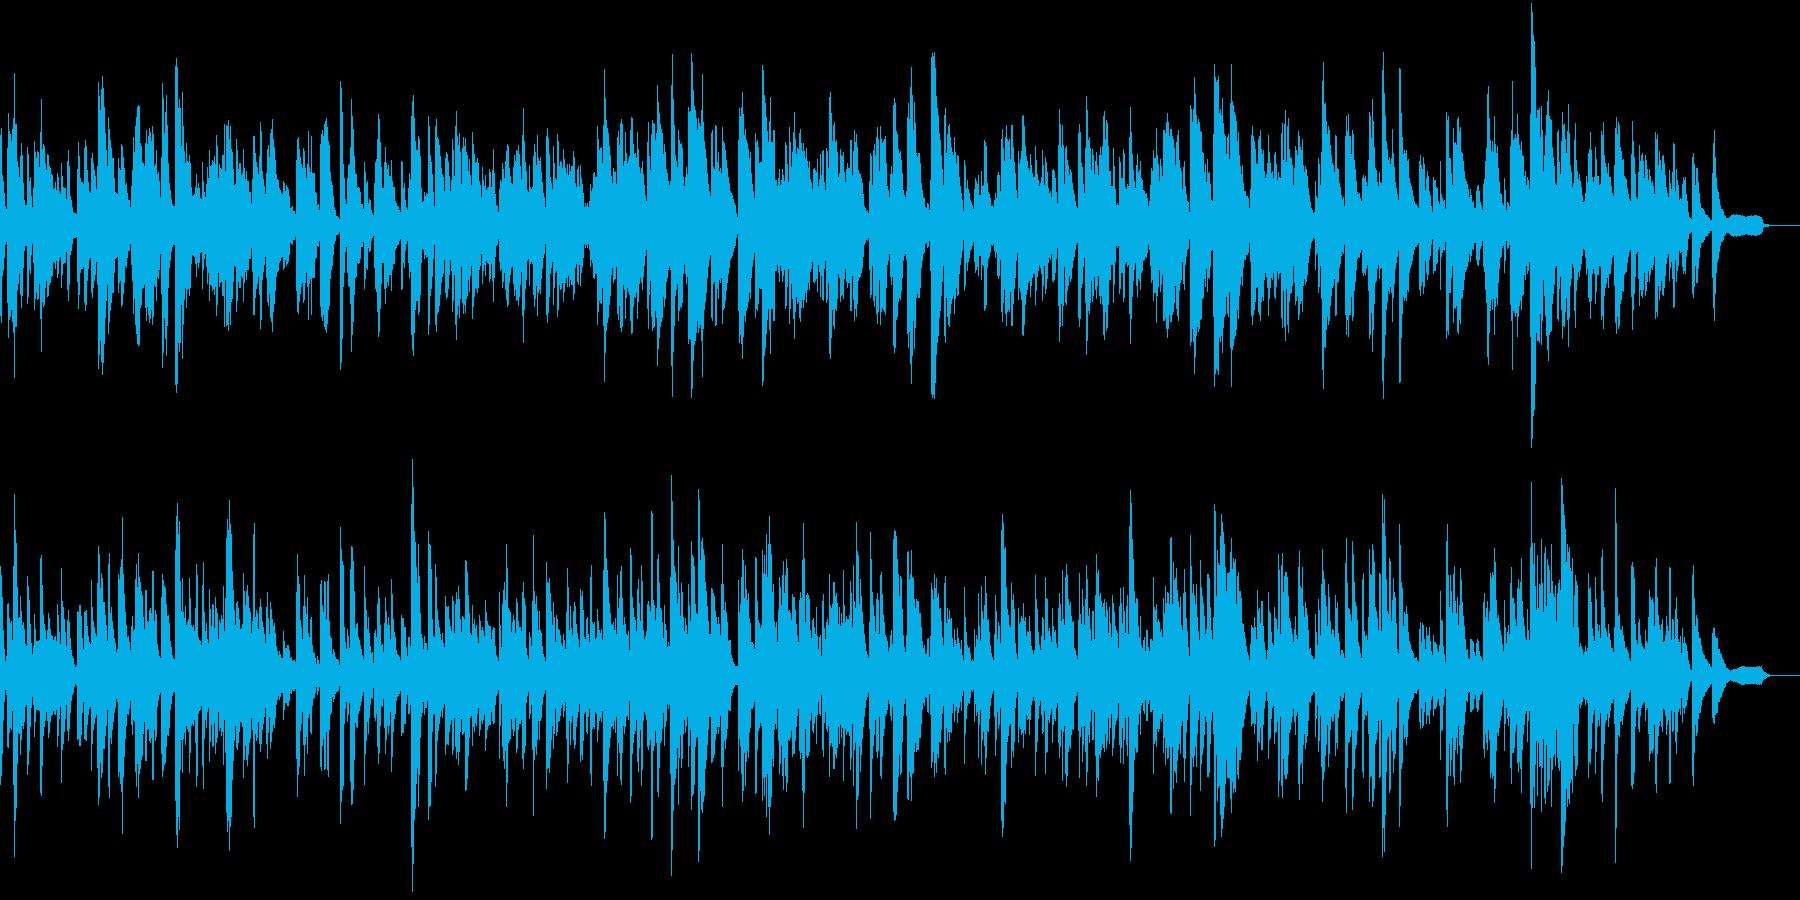 しっとりとしたピアノ旋律の再生済みの波形